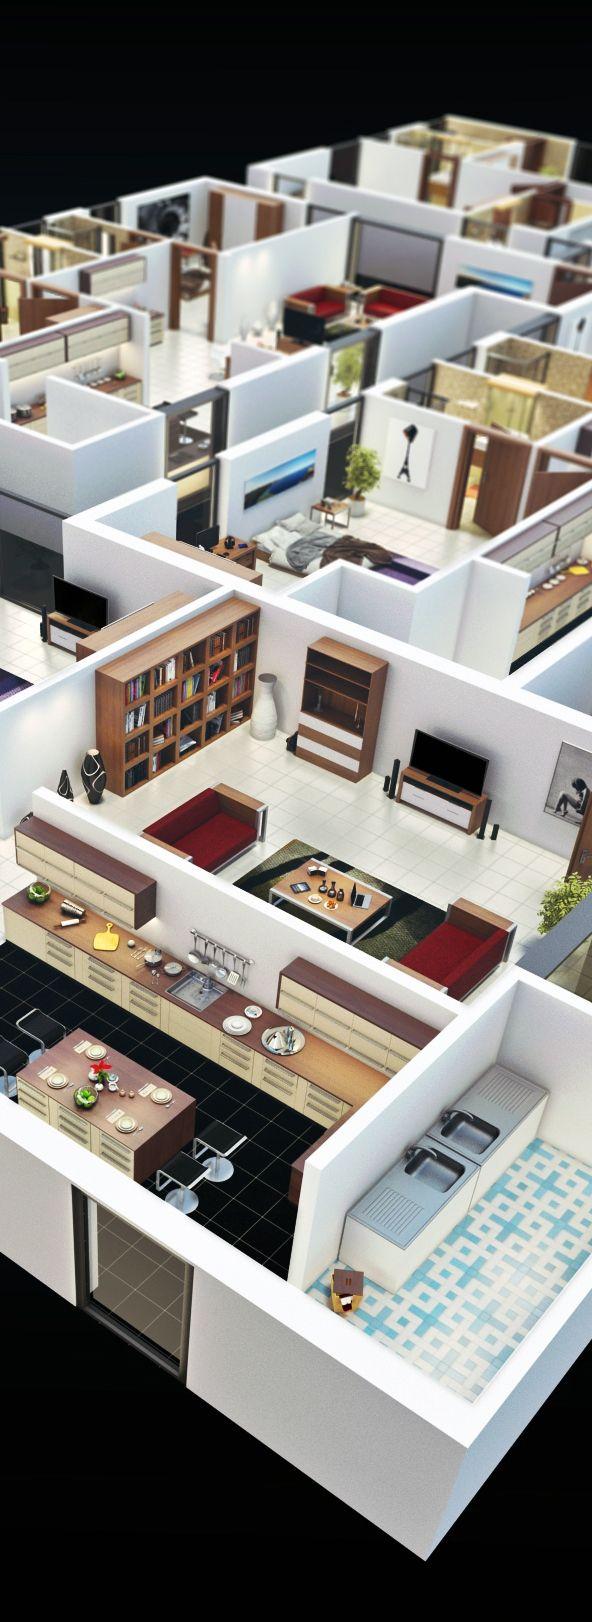 Isometric Floor Plan on Digital Art Served